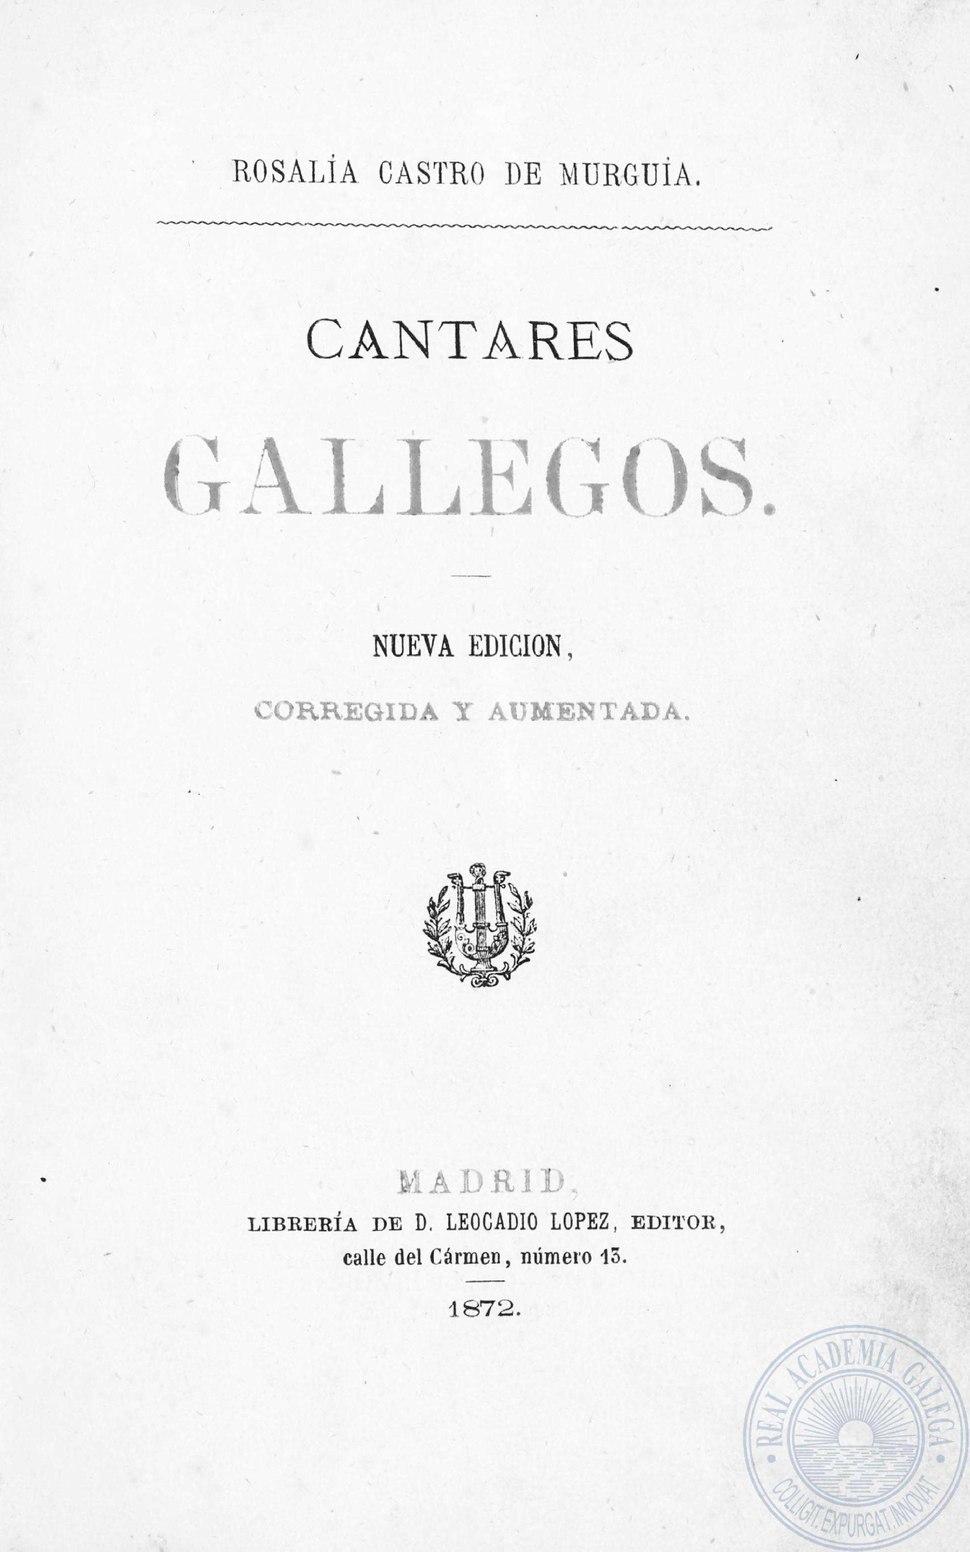 Nueva edición, corregida y aumentada (1872).